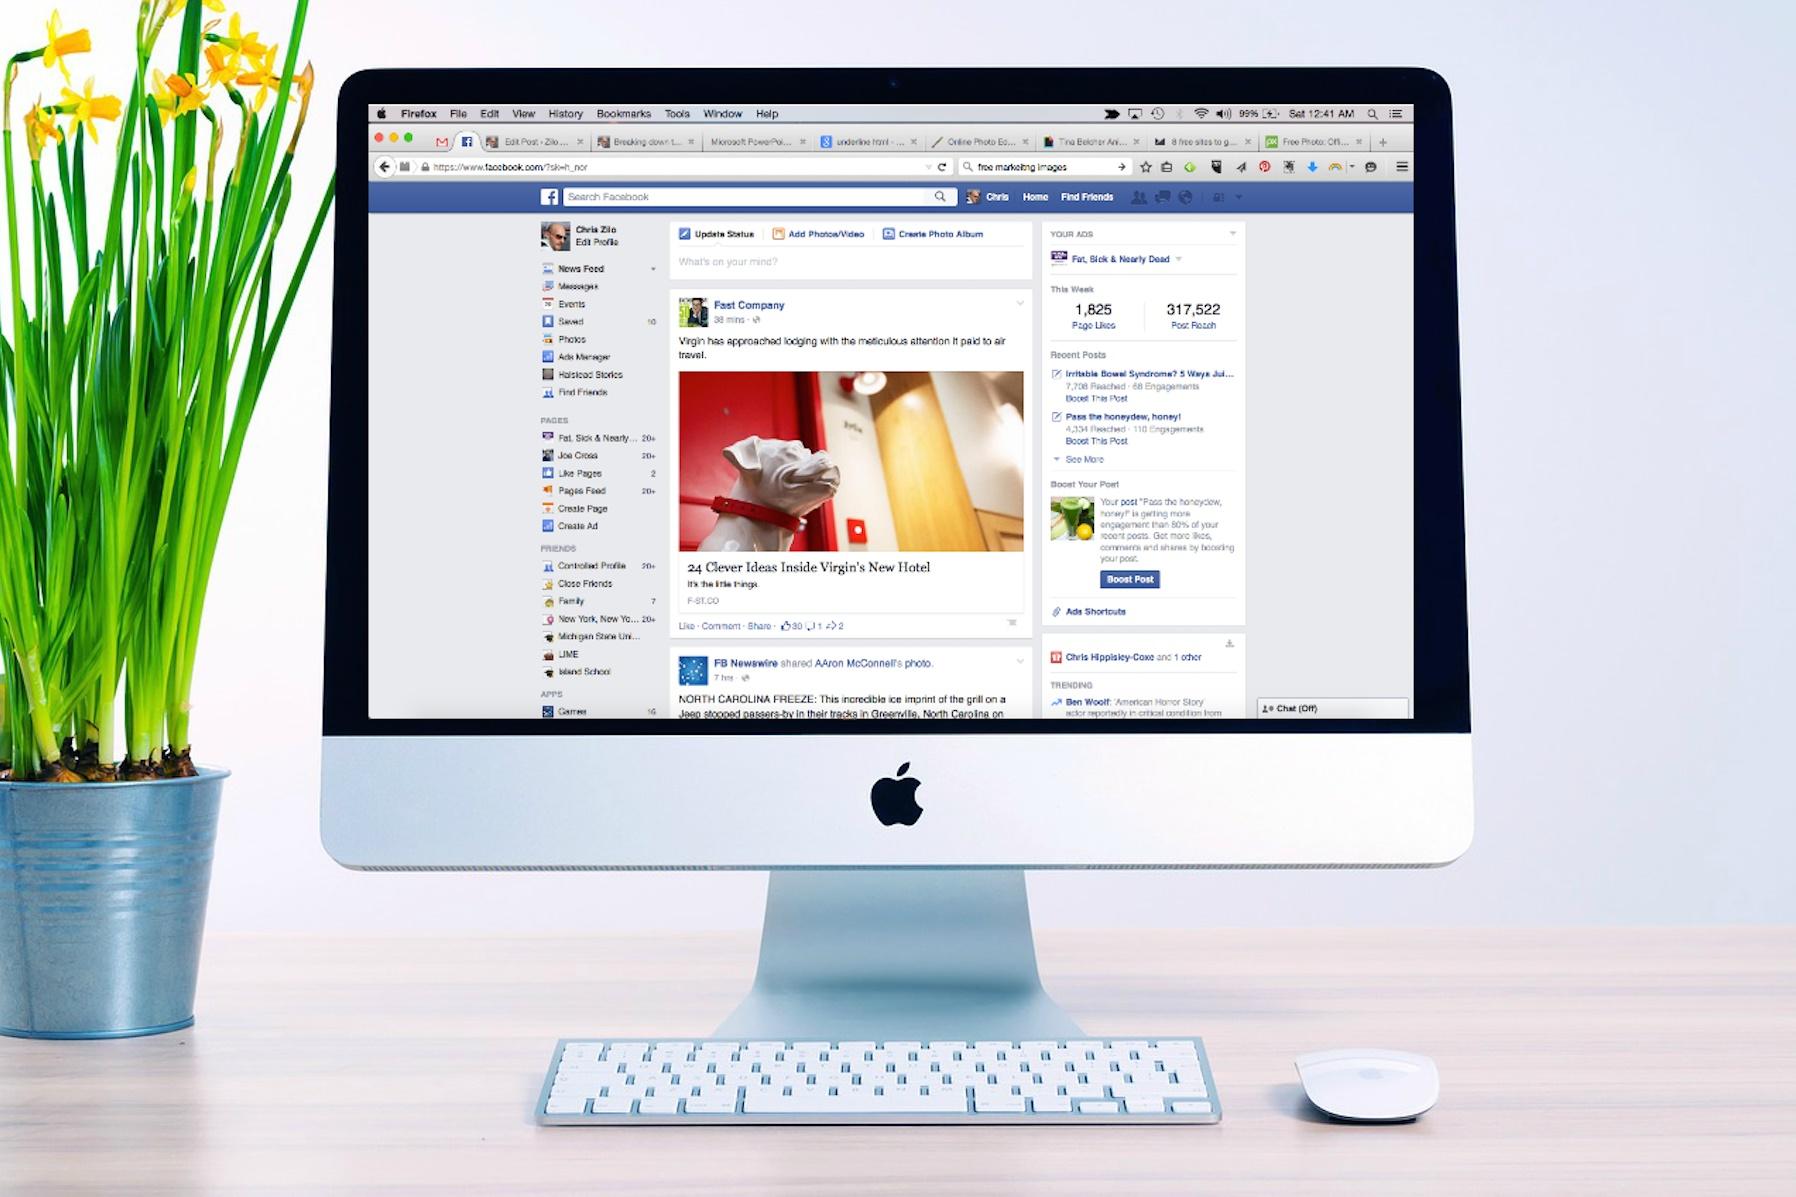 Mudança: Facebook testa retirada de todas as páginas do feed principal